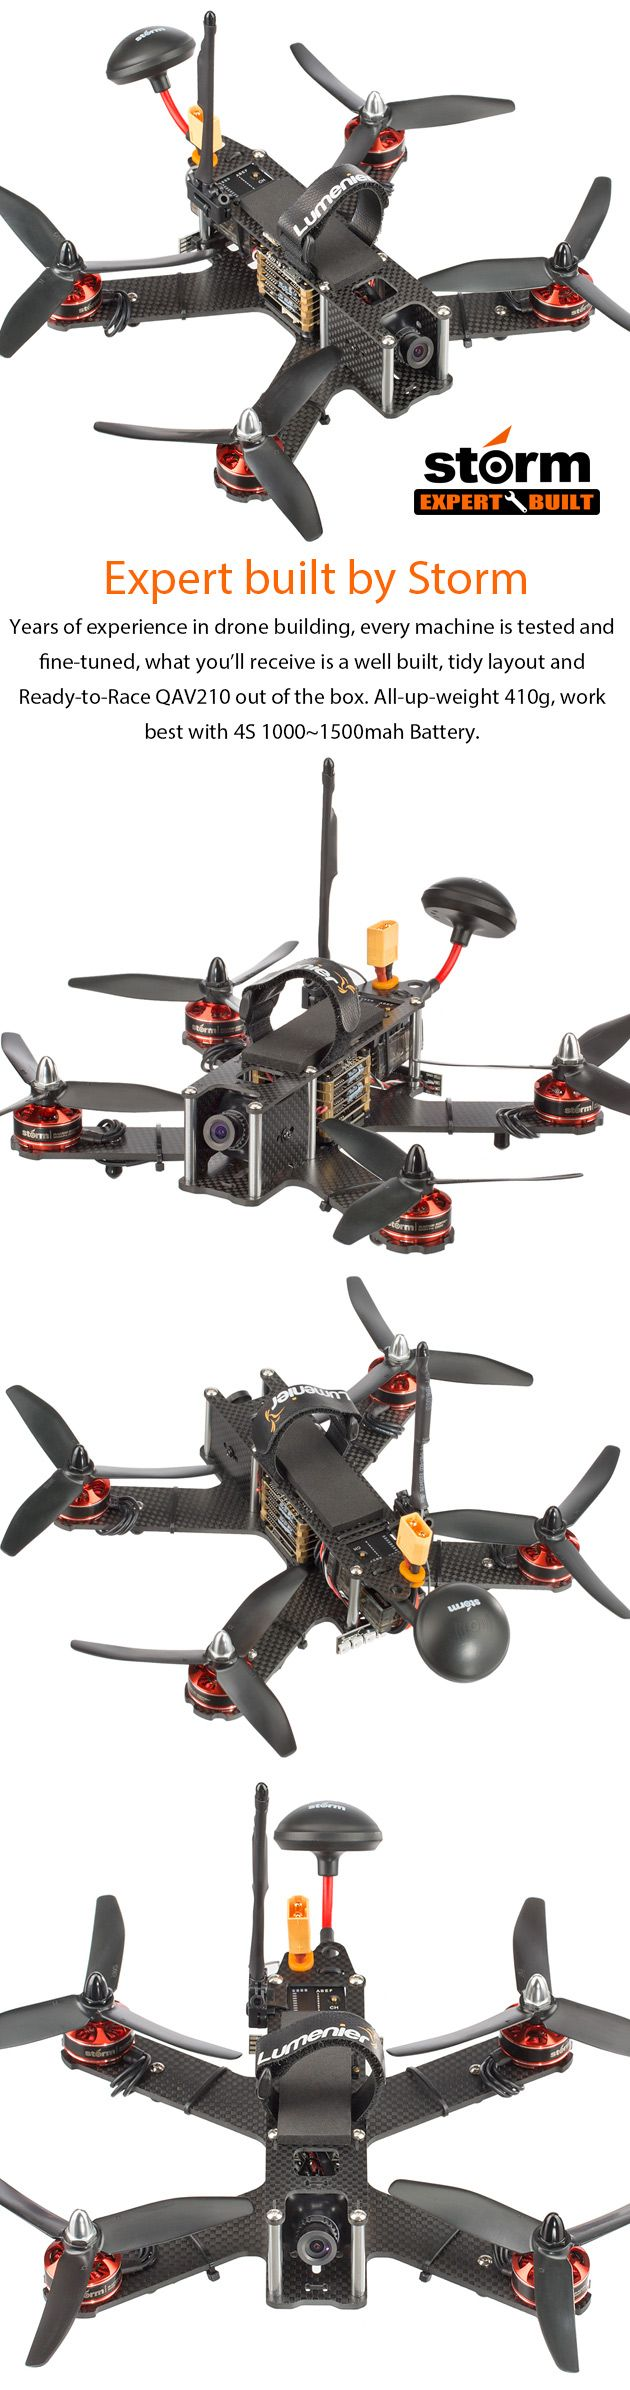 STORM Racing Drone (RTF / Lumenier QAV210 Storm Edition) http://www.helipal.com/storm-racing-drone-rtf-lumenier-qav210-storm-edition.html